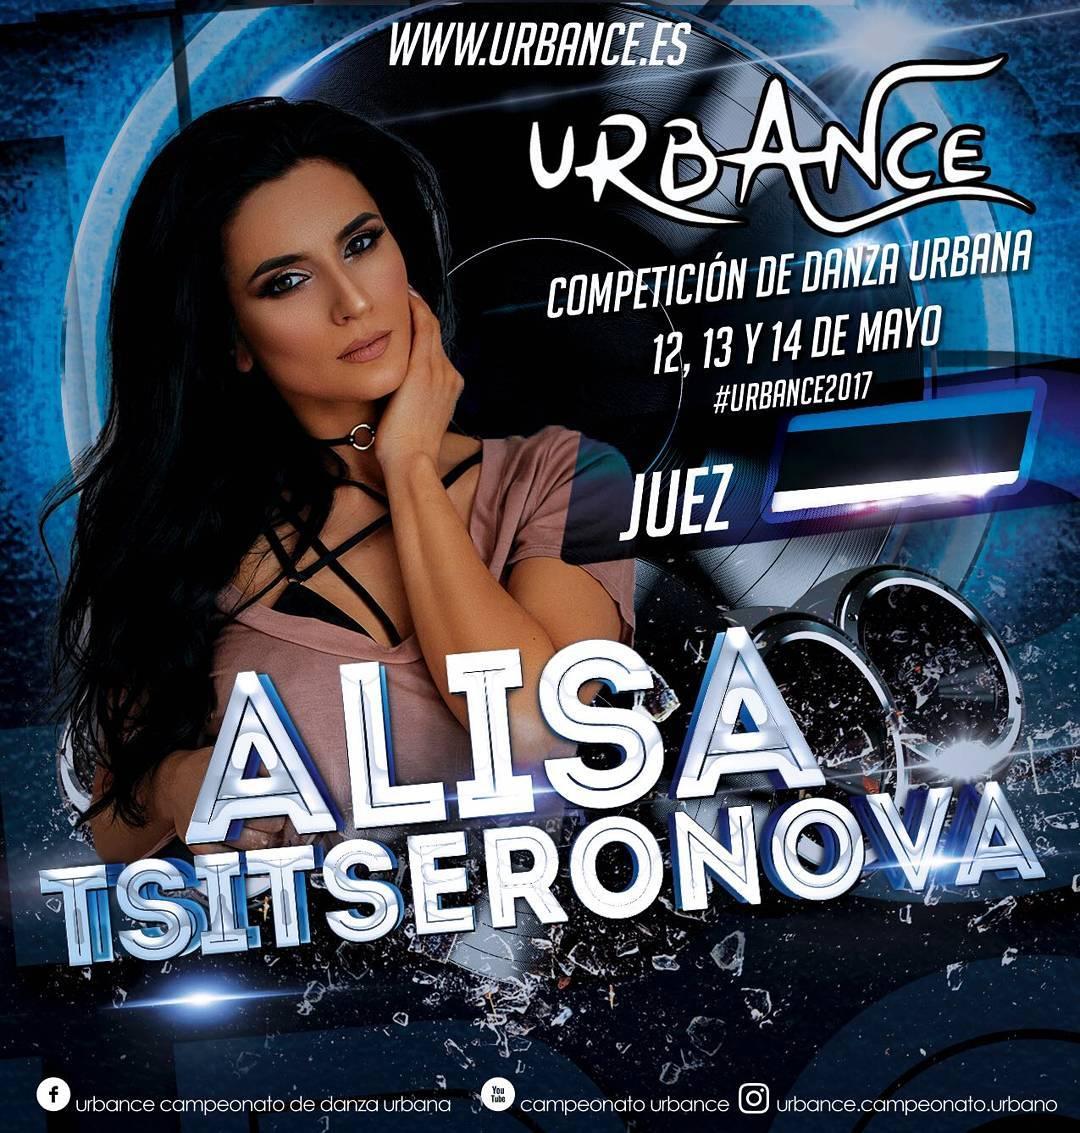 Alisa Tistseronova